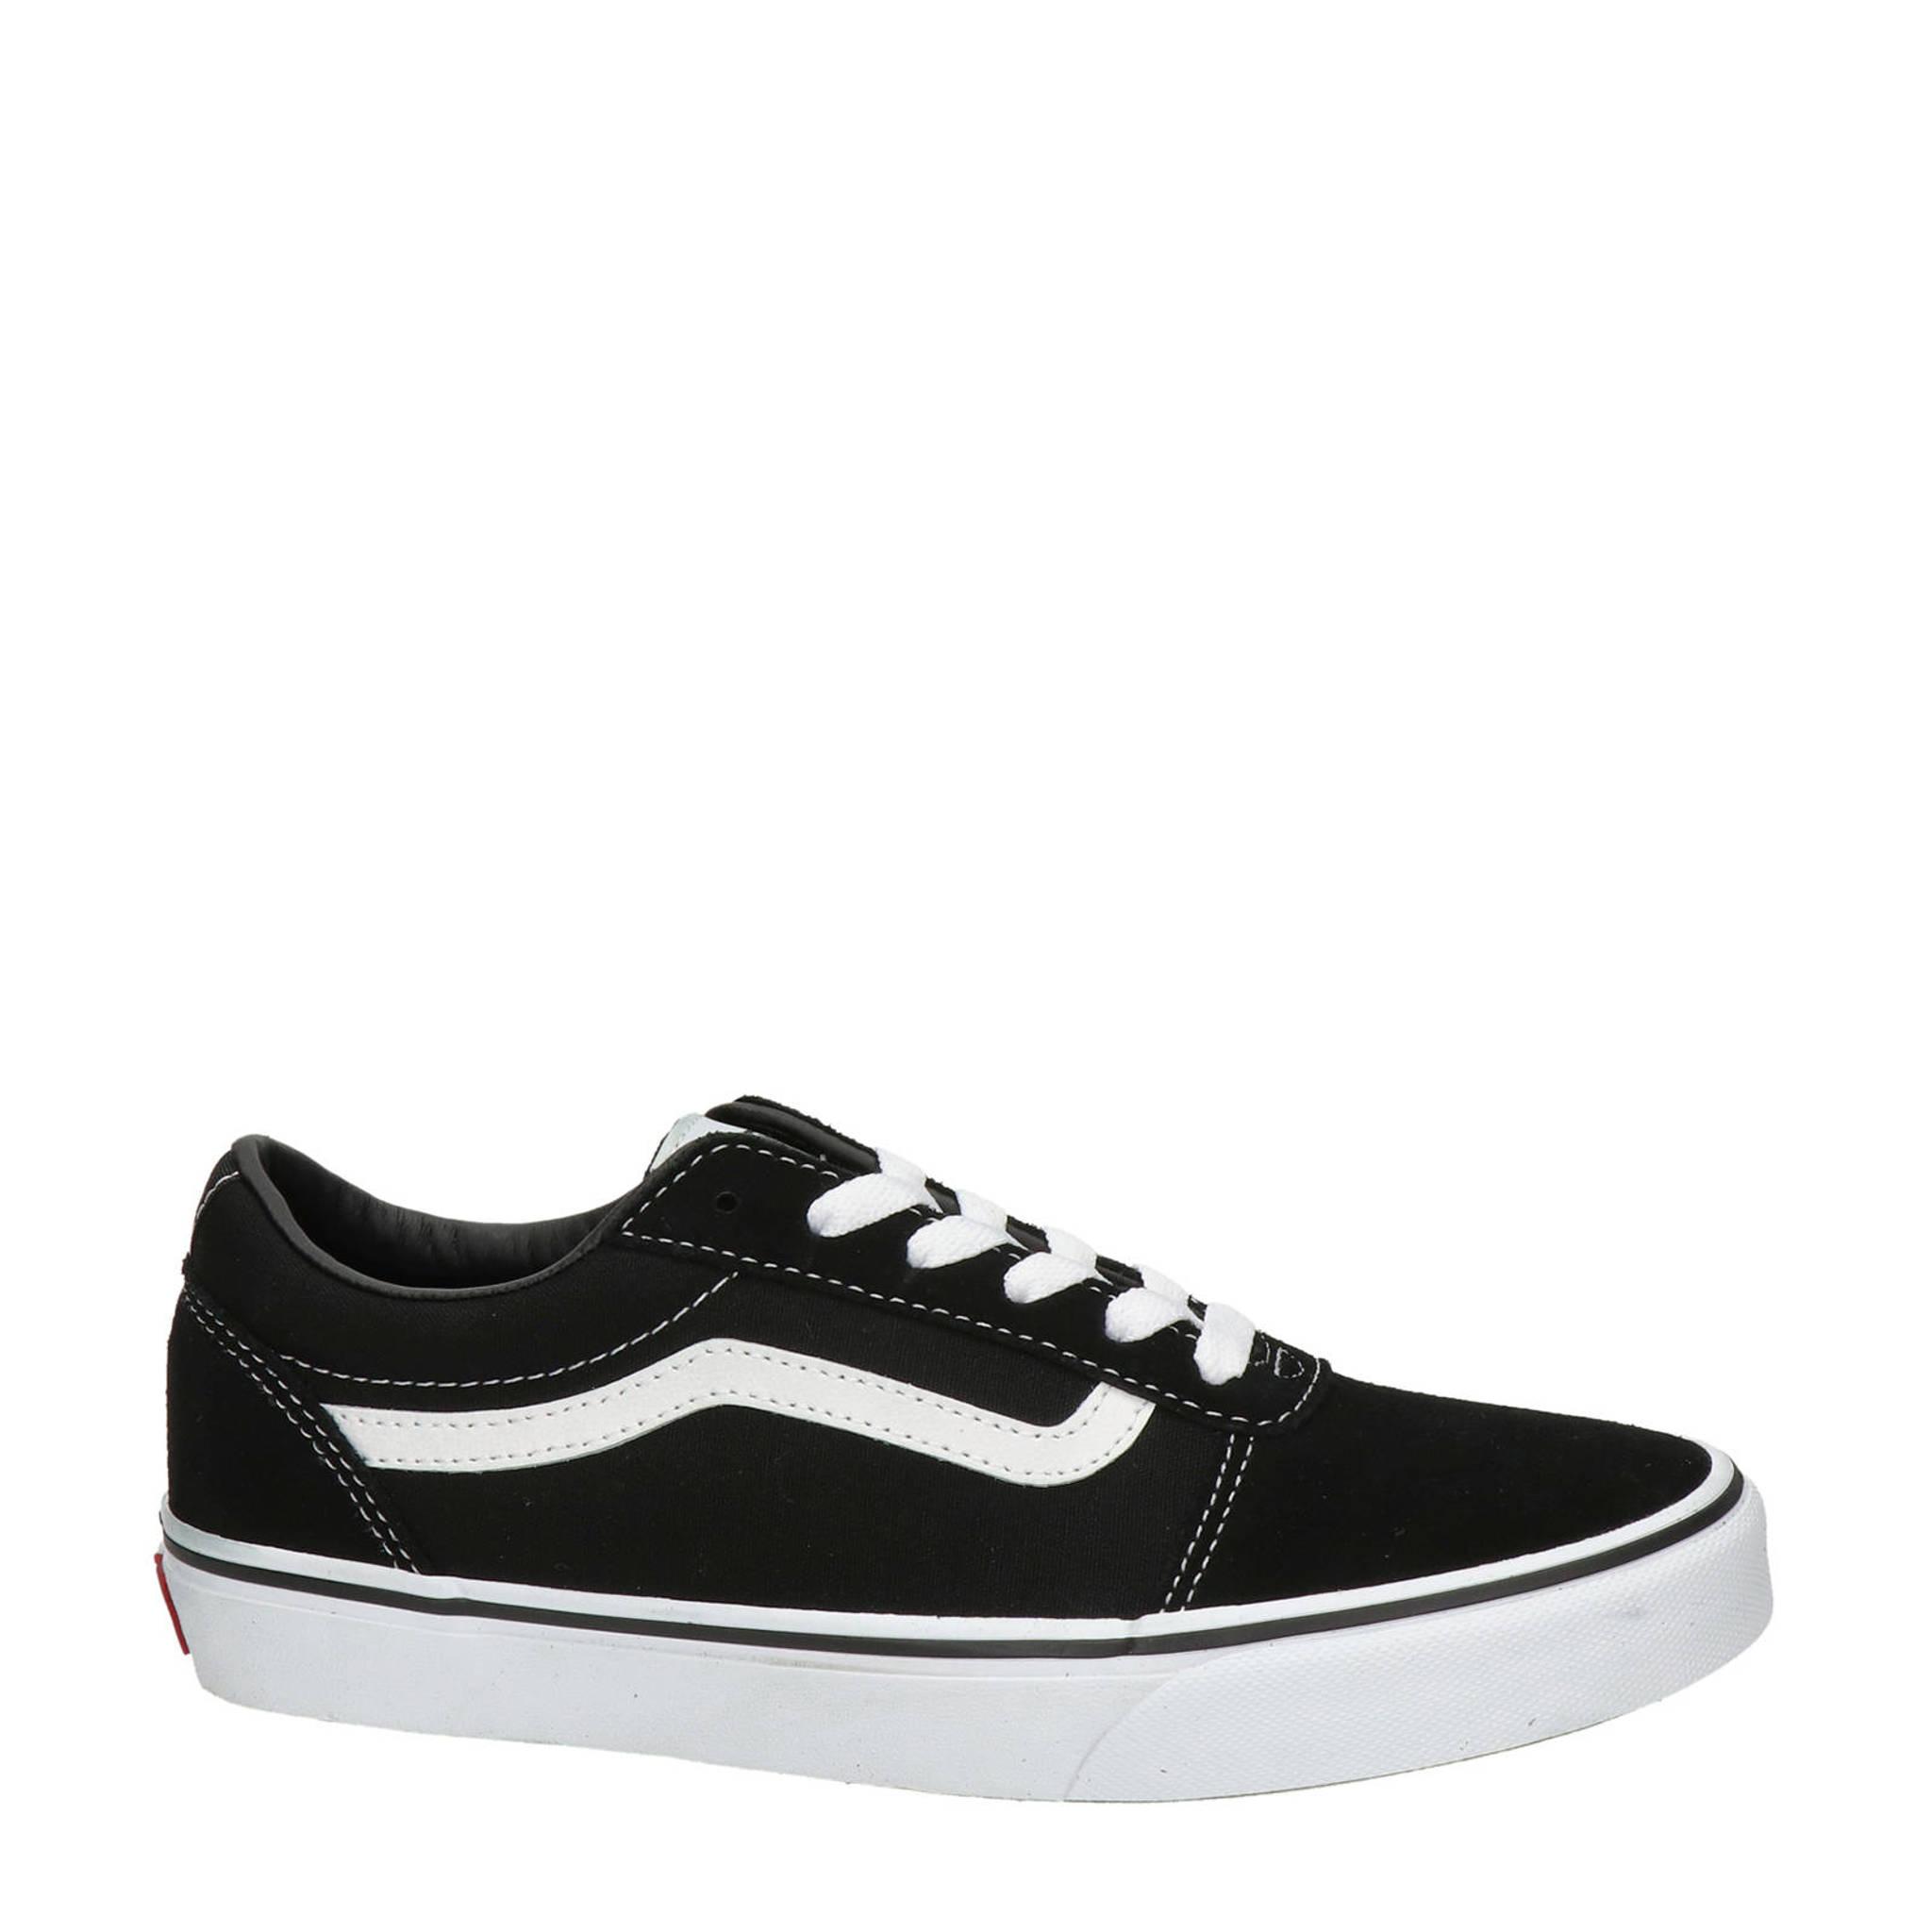 15cb9648d3 VANS Ward Low sneakers zwart